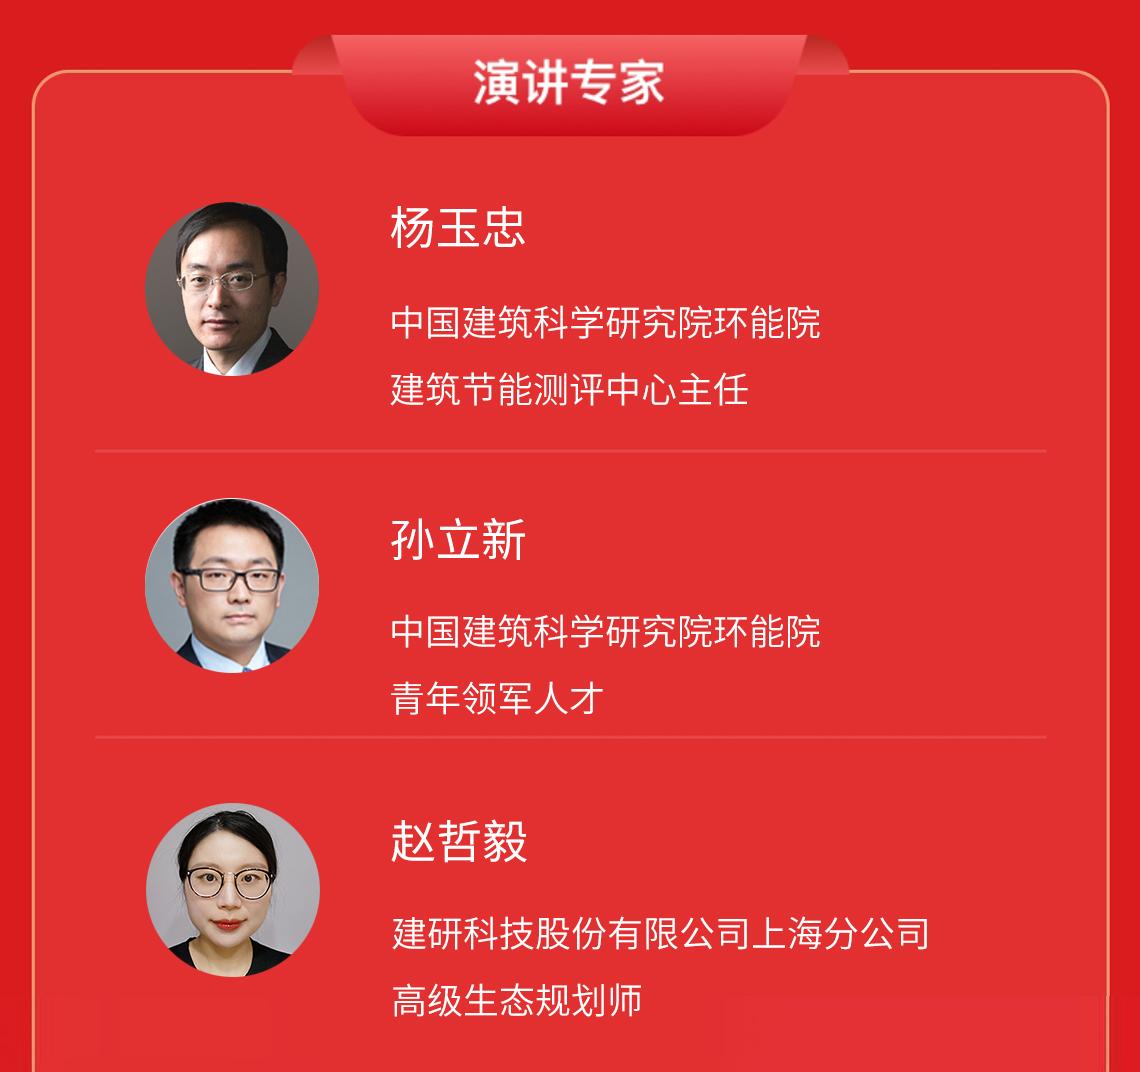 中国建筑节|由筑龙学社主办的建筑碳达峰、碳中和主题论坛将于7月22日下午在线直播